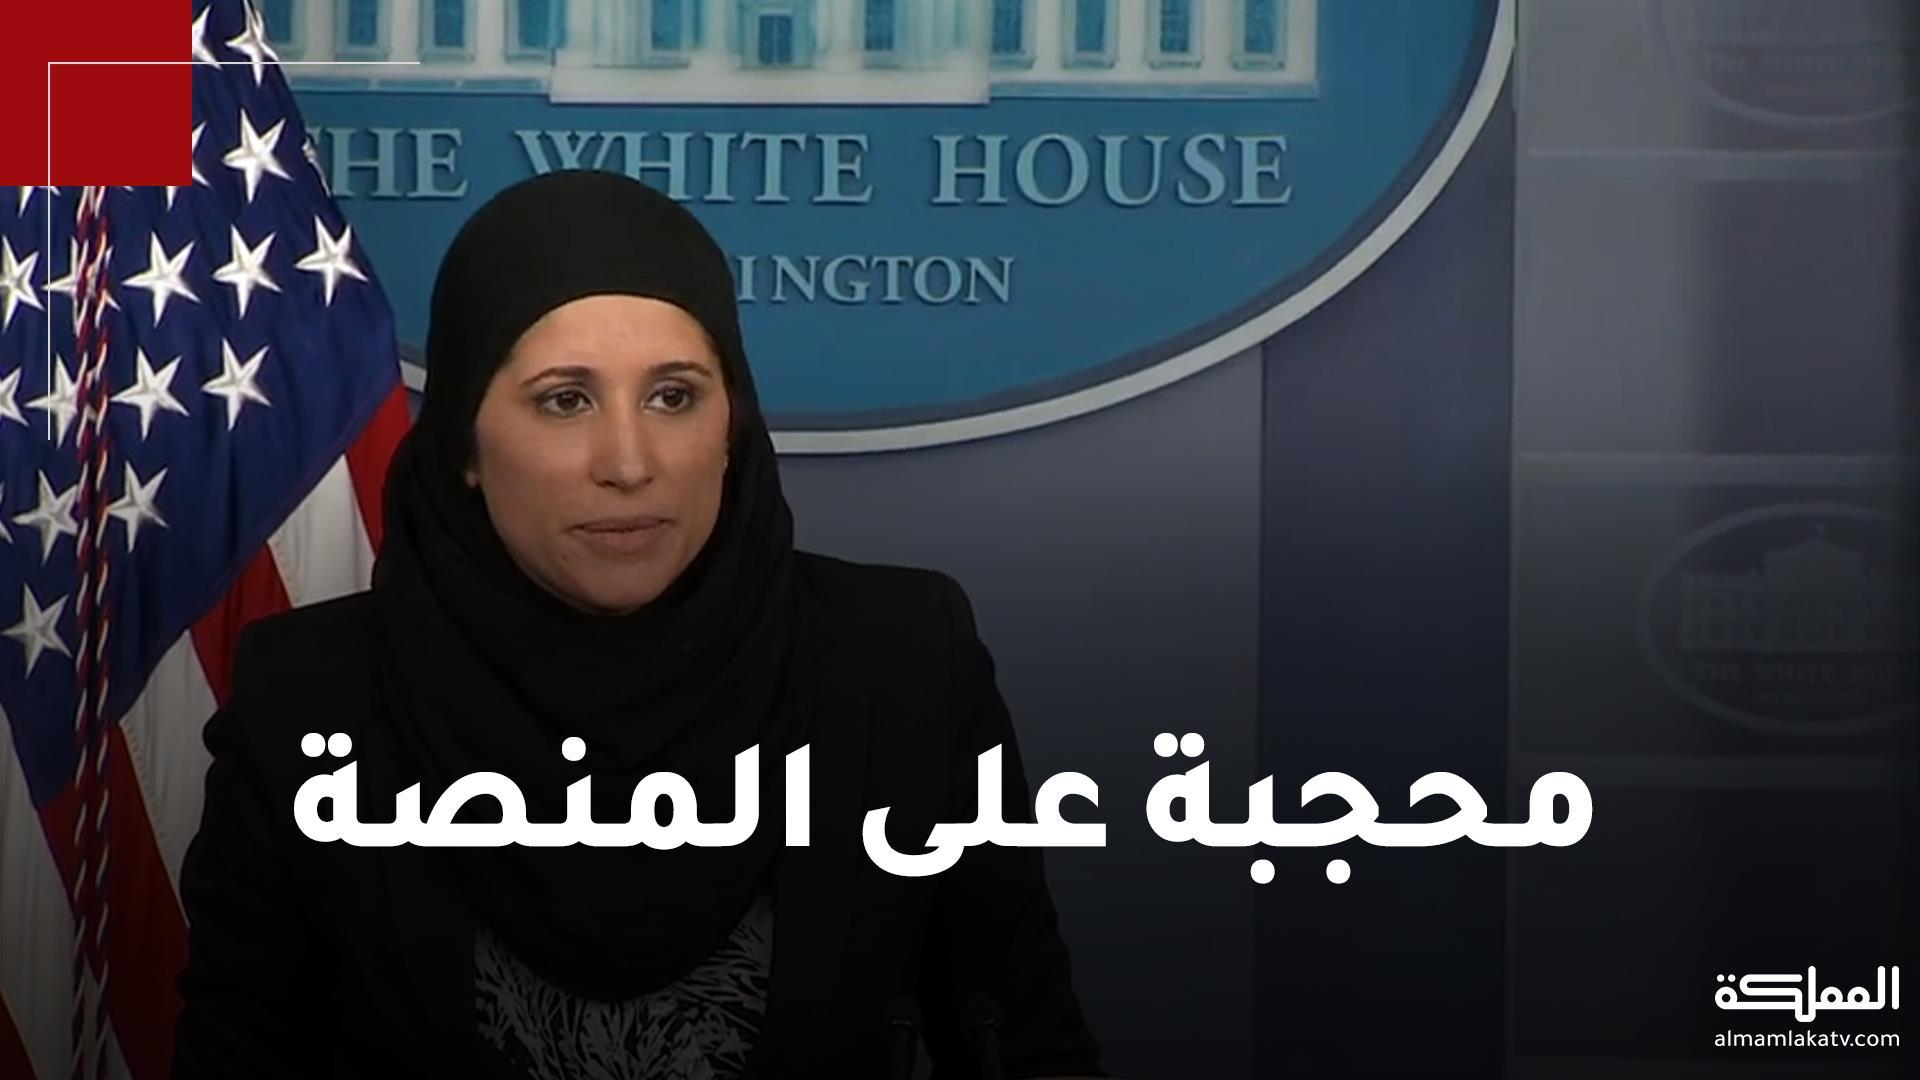 منصة البيت الأبيض كما لم ترها من قبل..